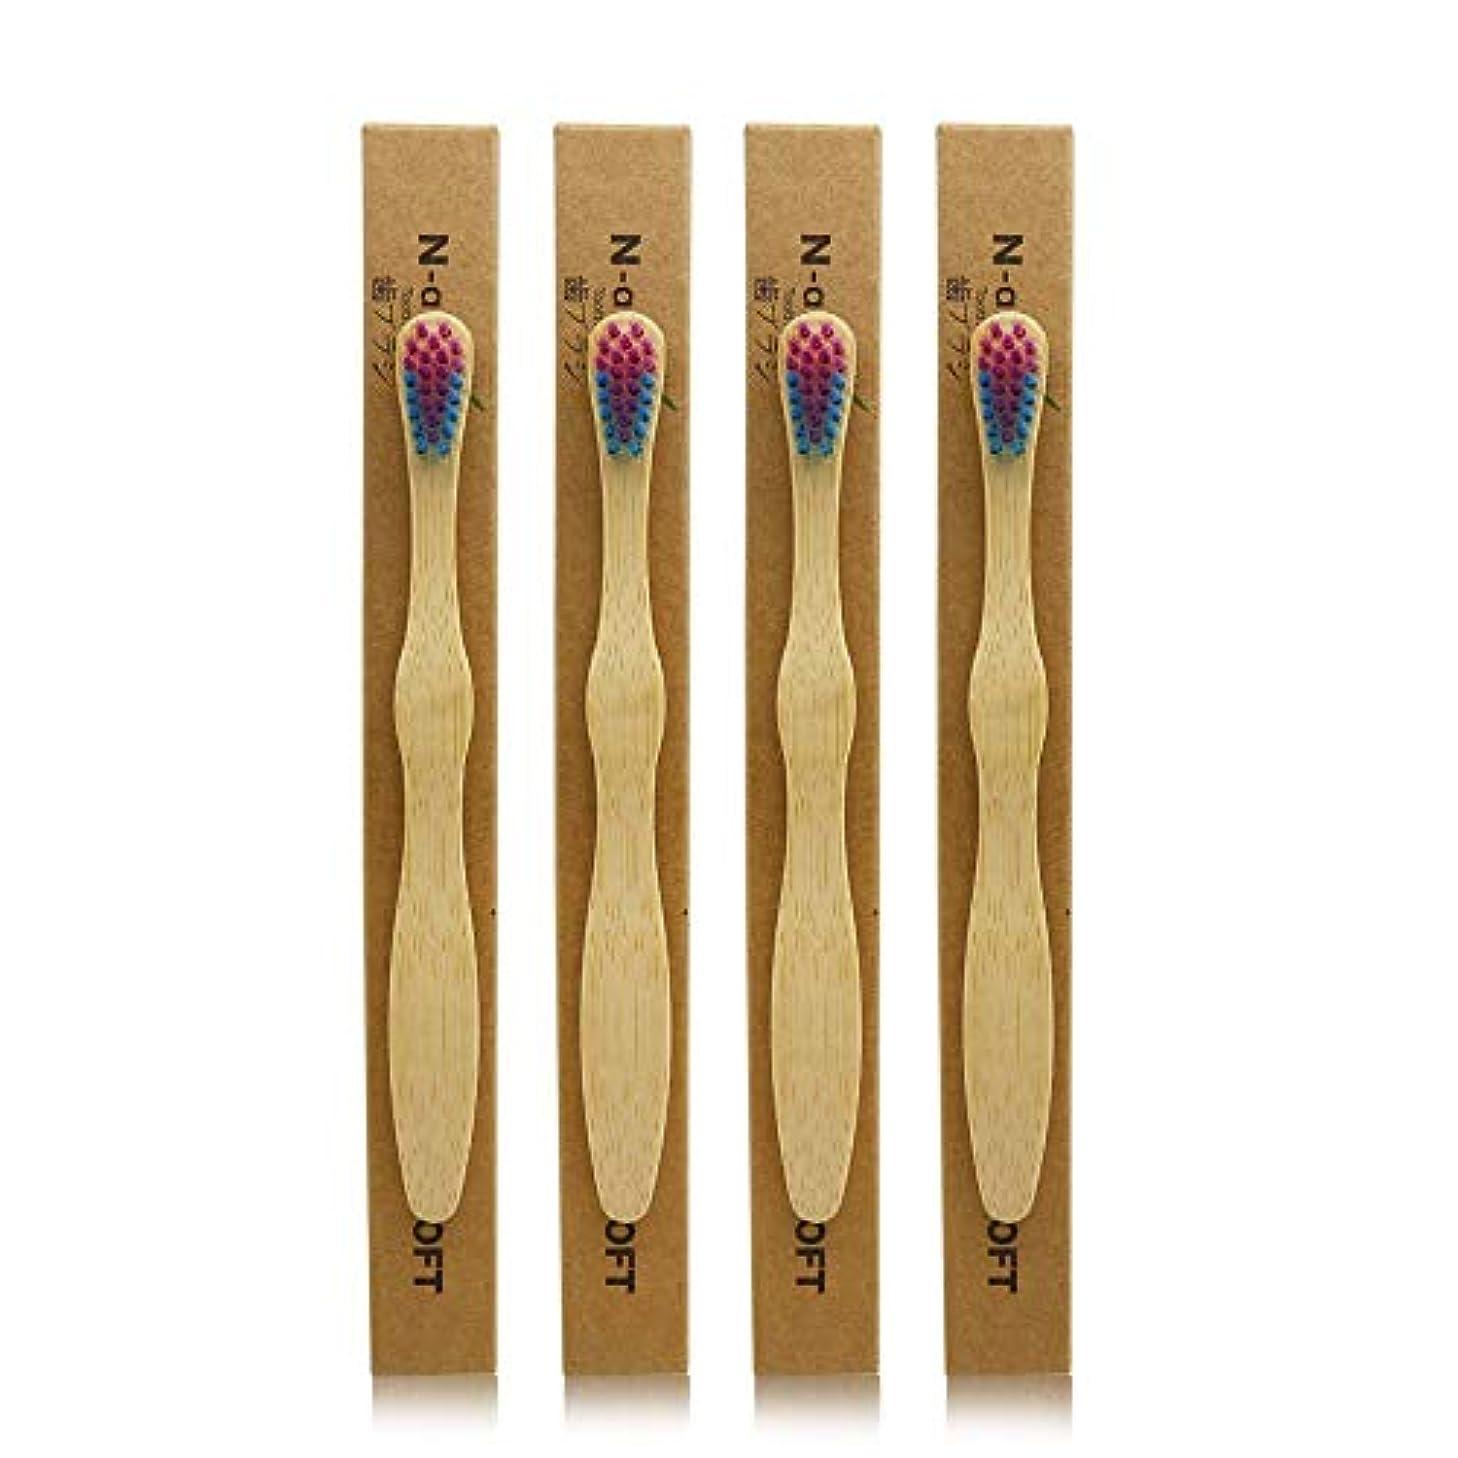 砂漠前奏曲初期のN-amboo 竹製耐久度高い 子供 歯ブラシ エコ 4本入り セット むらさきいろ